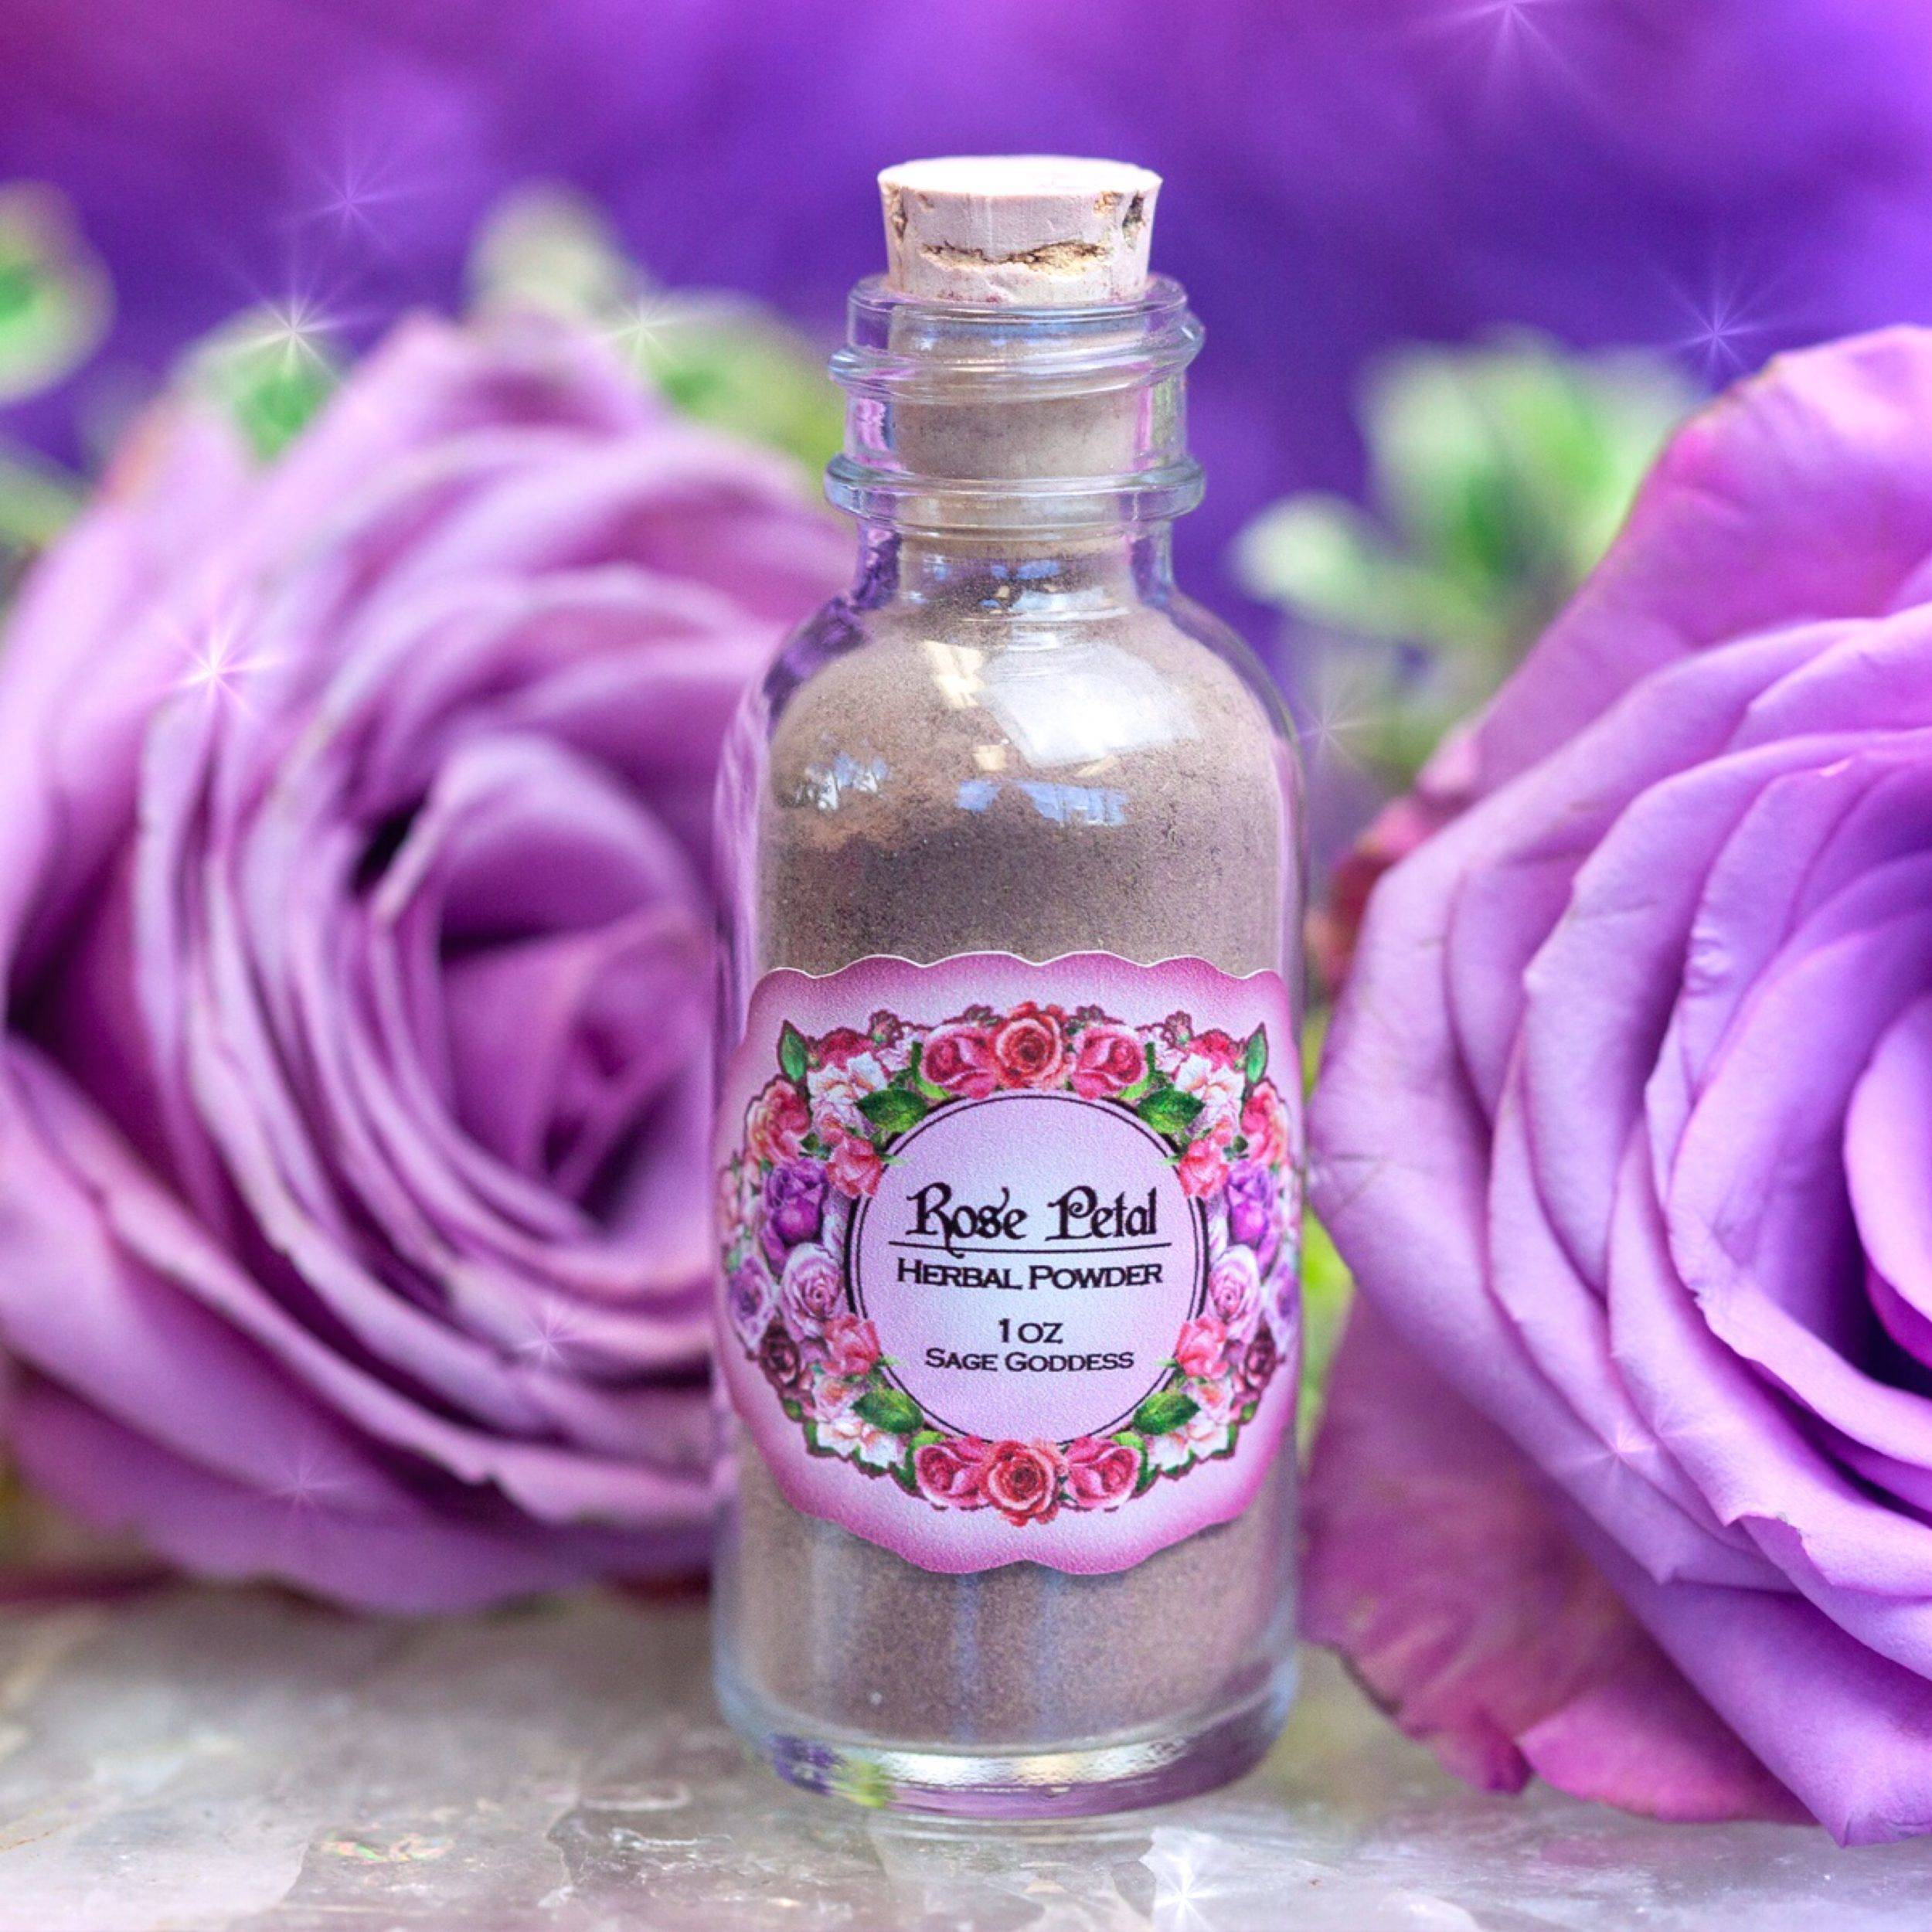 Rose_Petal_Herbal_Powder_10_28